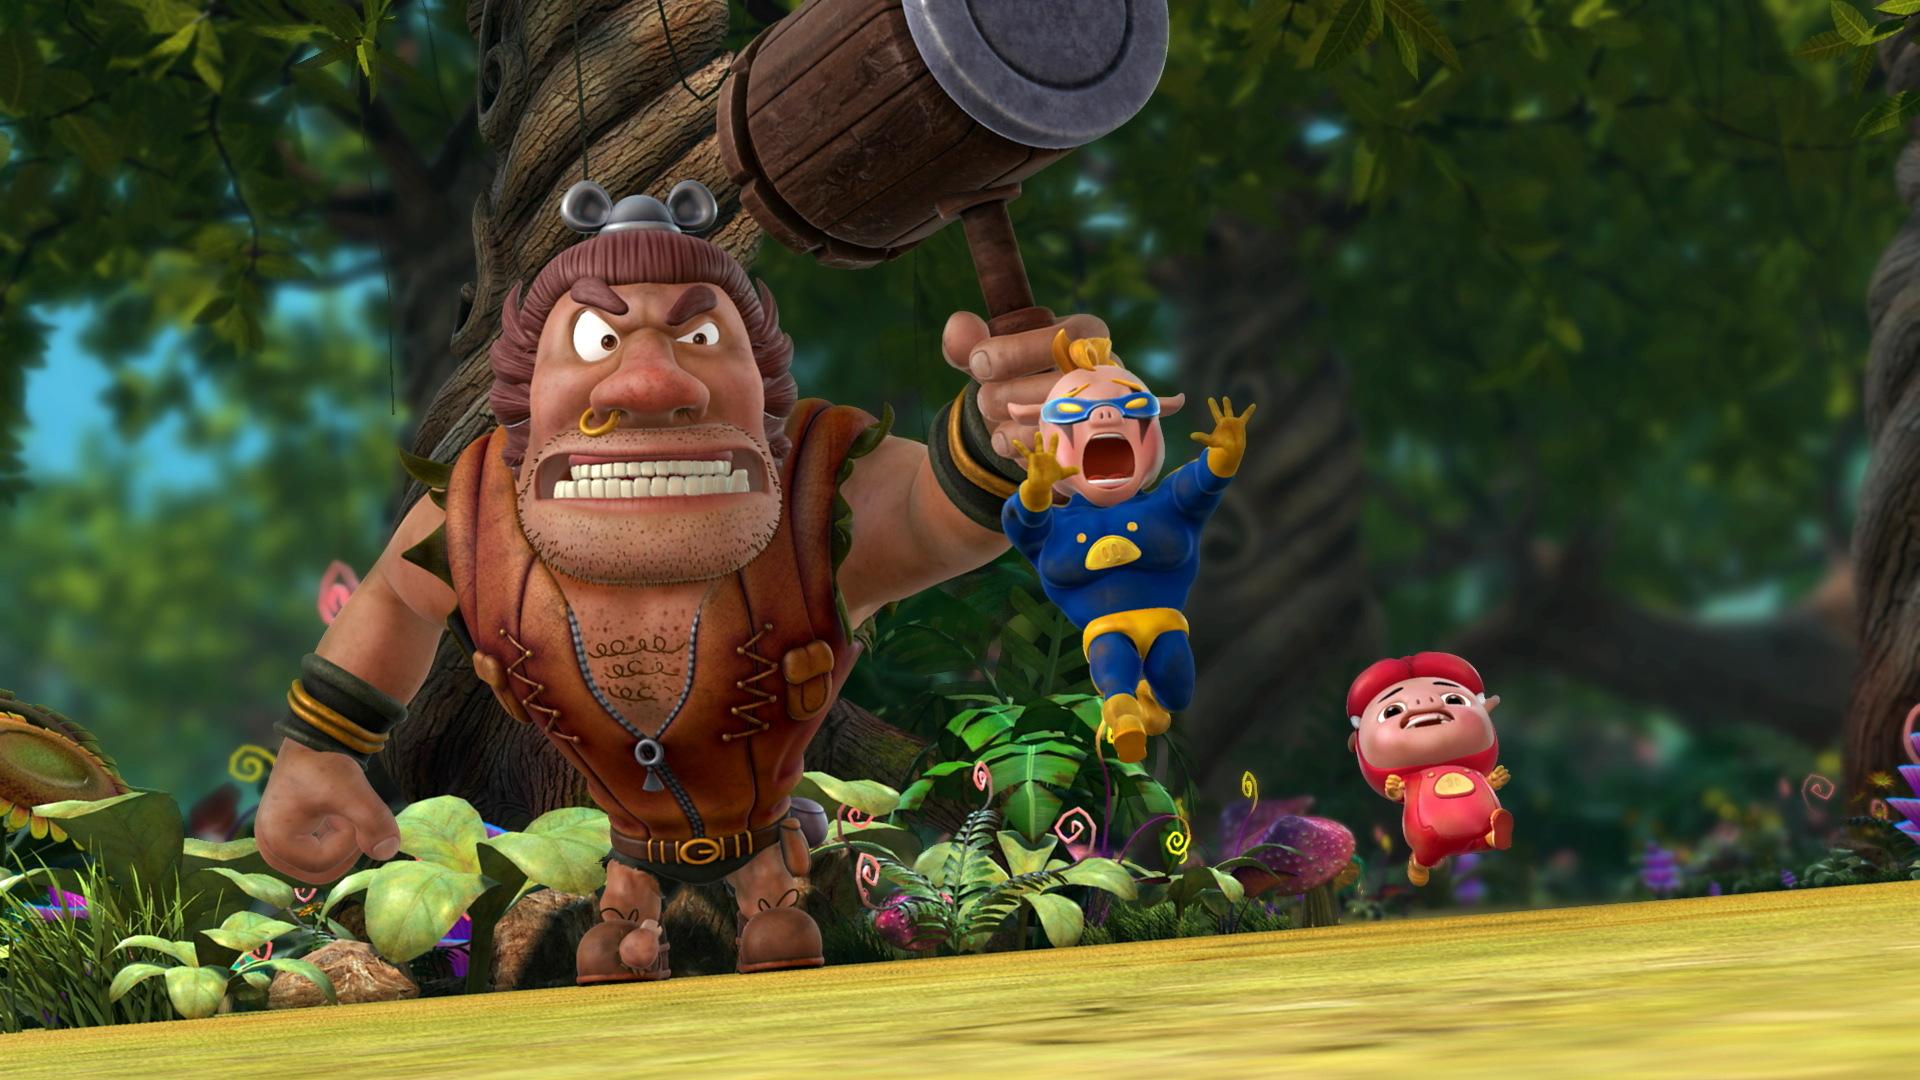 猪猪侠之勇闯巨人岛相关图片_猪猪侠之勇闯巨人岛动画图片